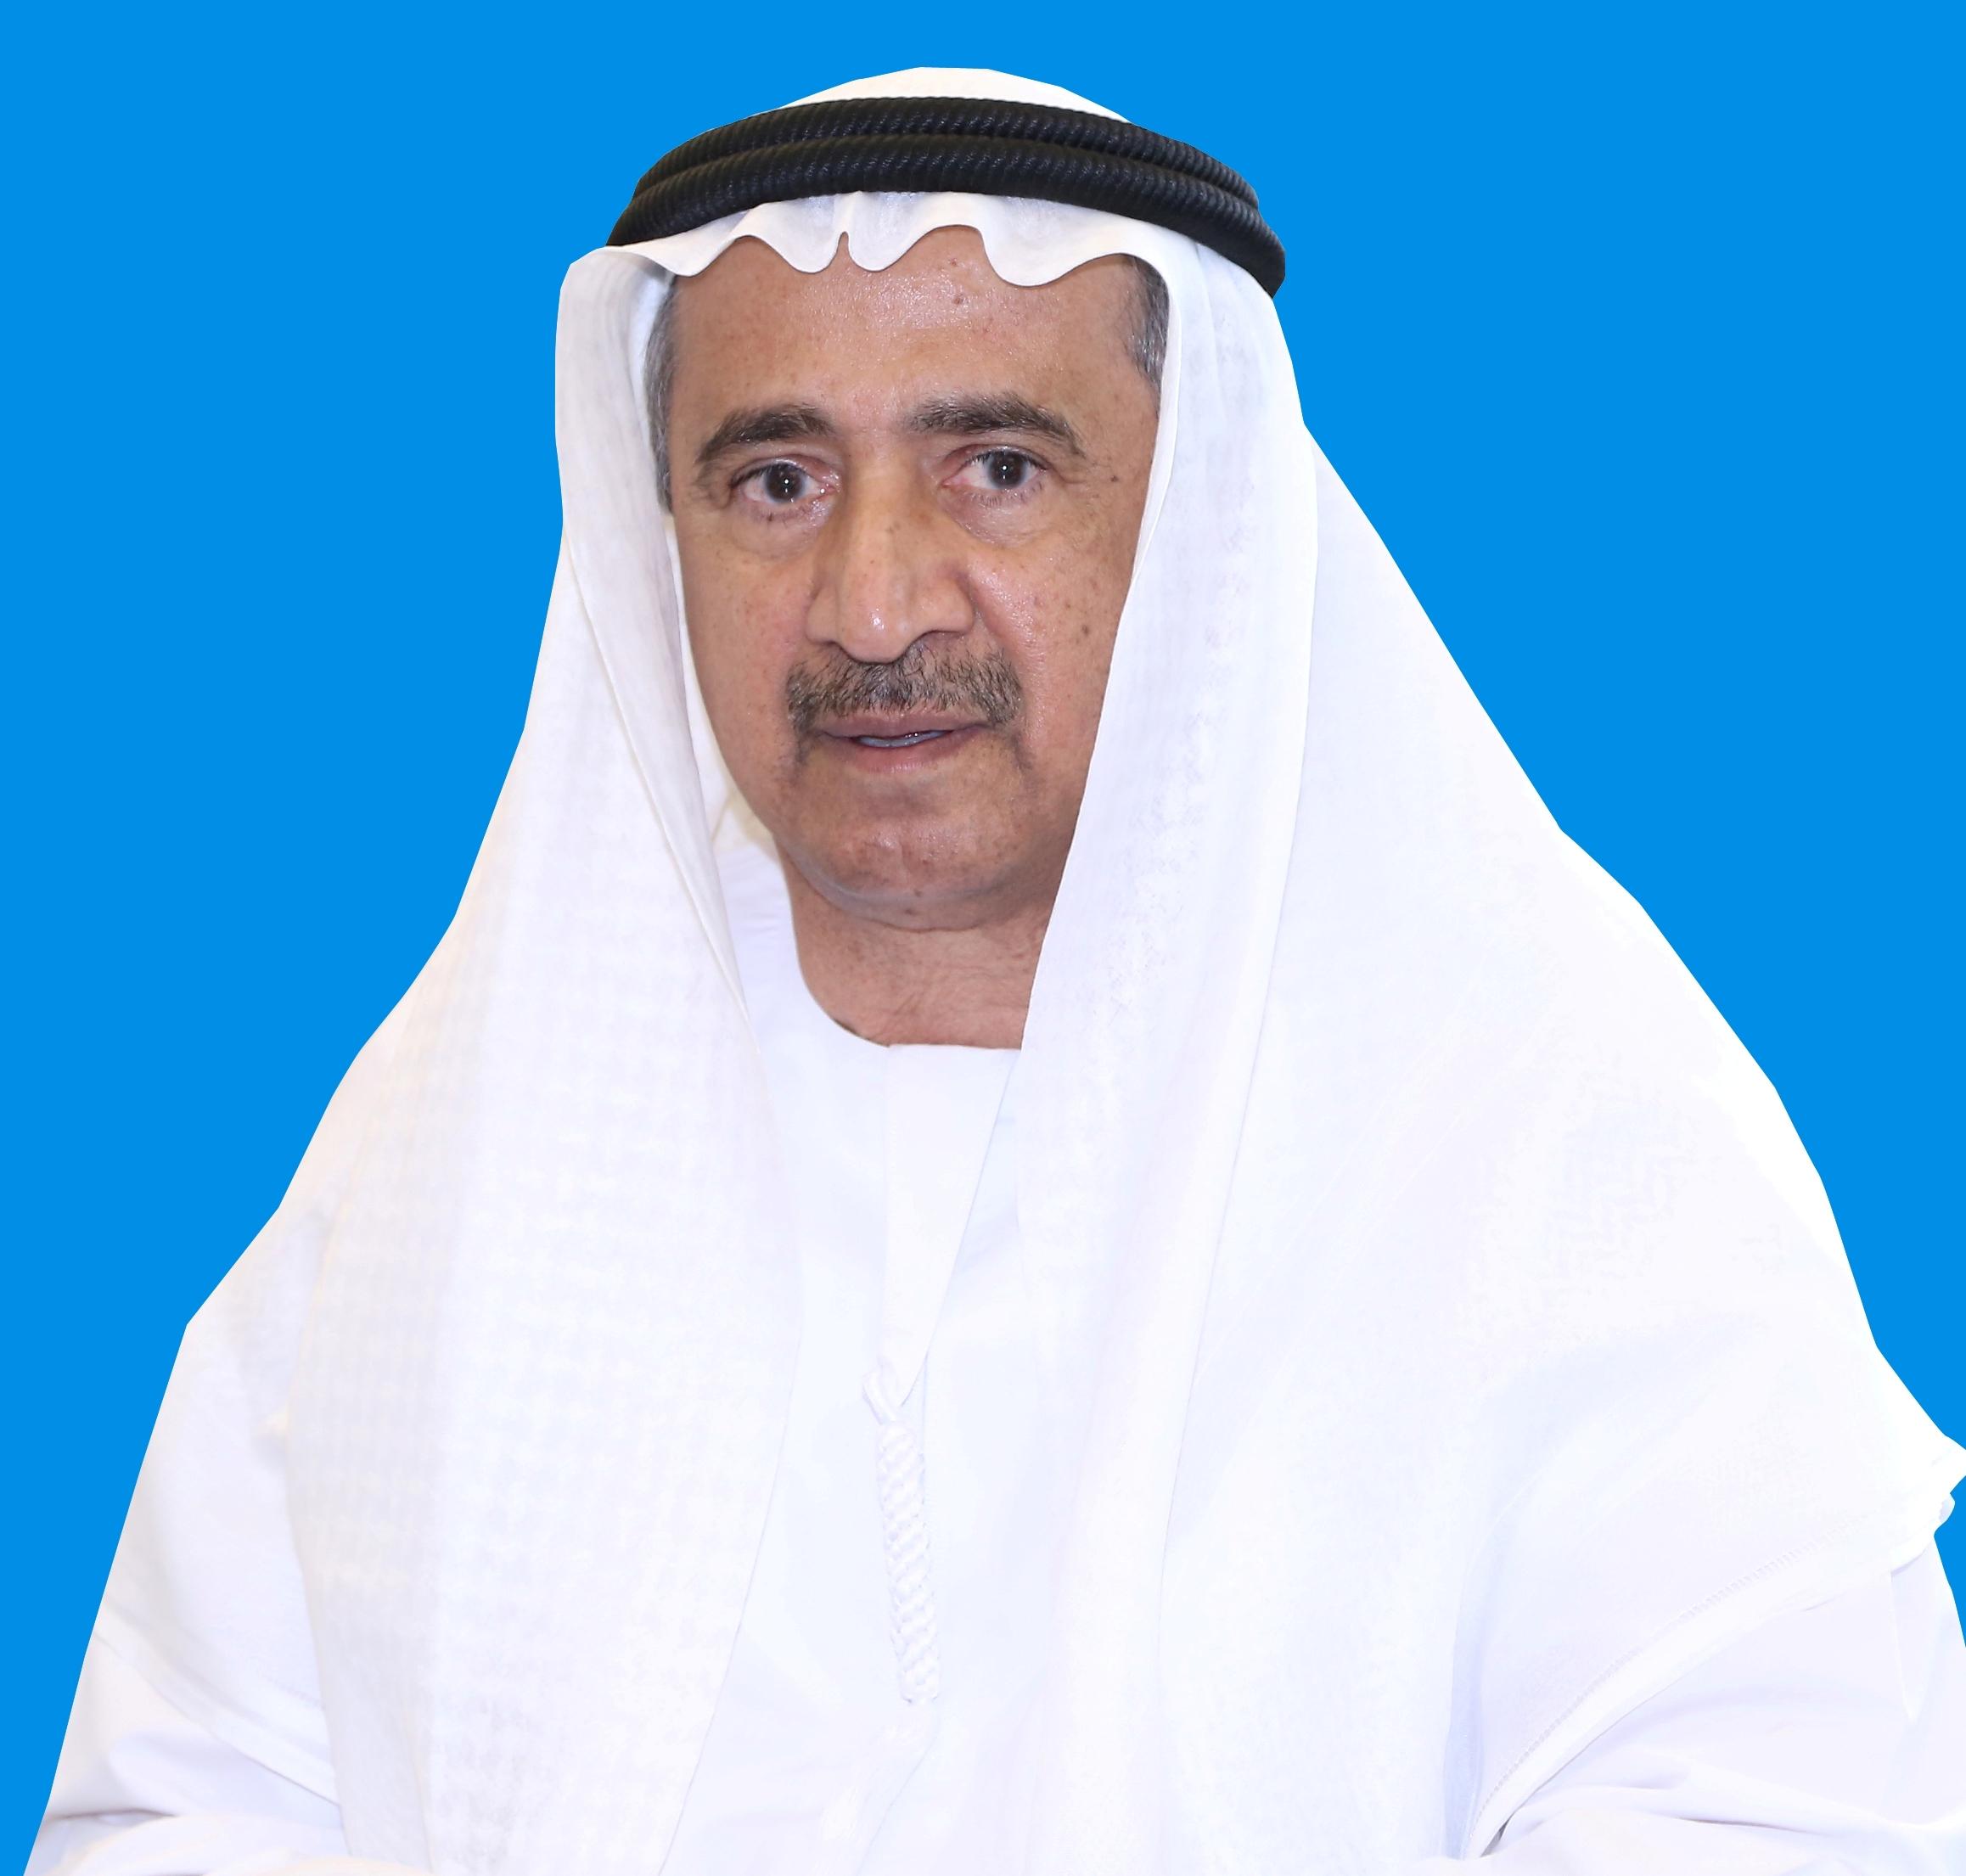 انطلاق أعمال المؤتمر العربي الثاني للتطوير والاستثمار العقاري والصناعي غداً